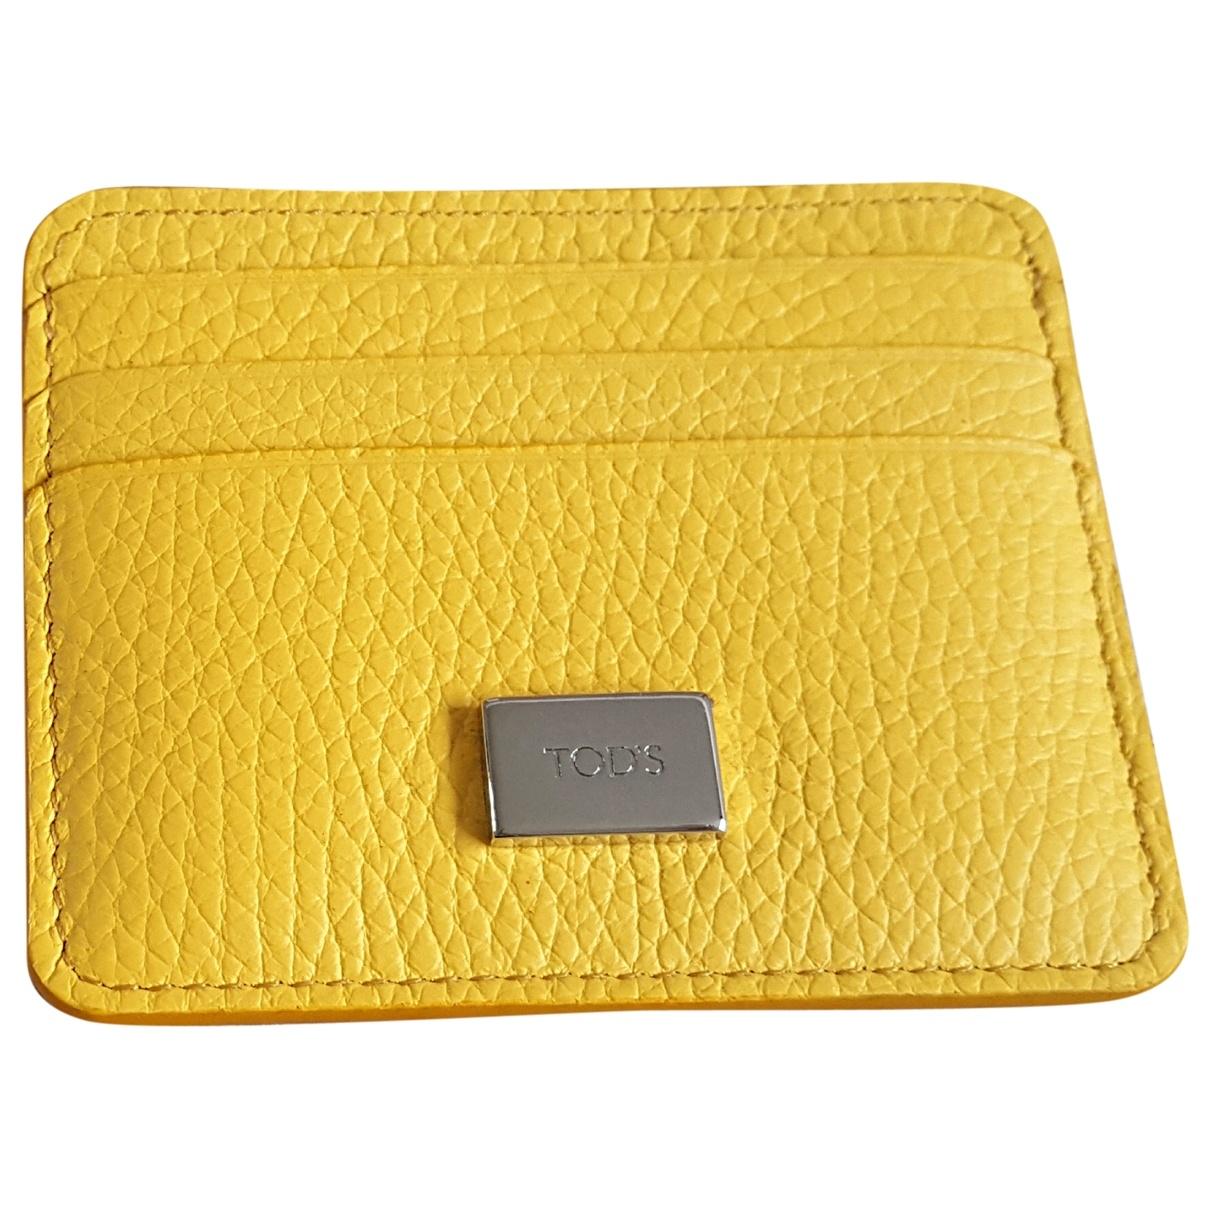 Tods - Petite maroquinerie   pour femme en cuir - jaune